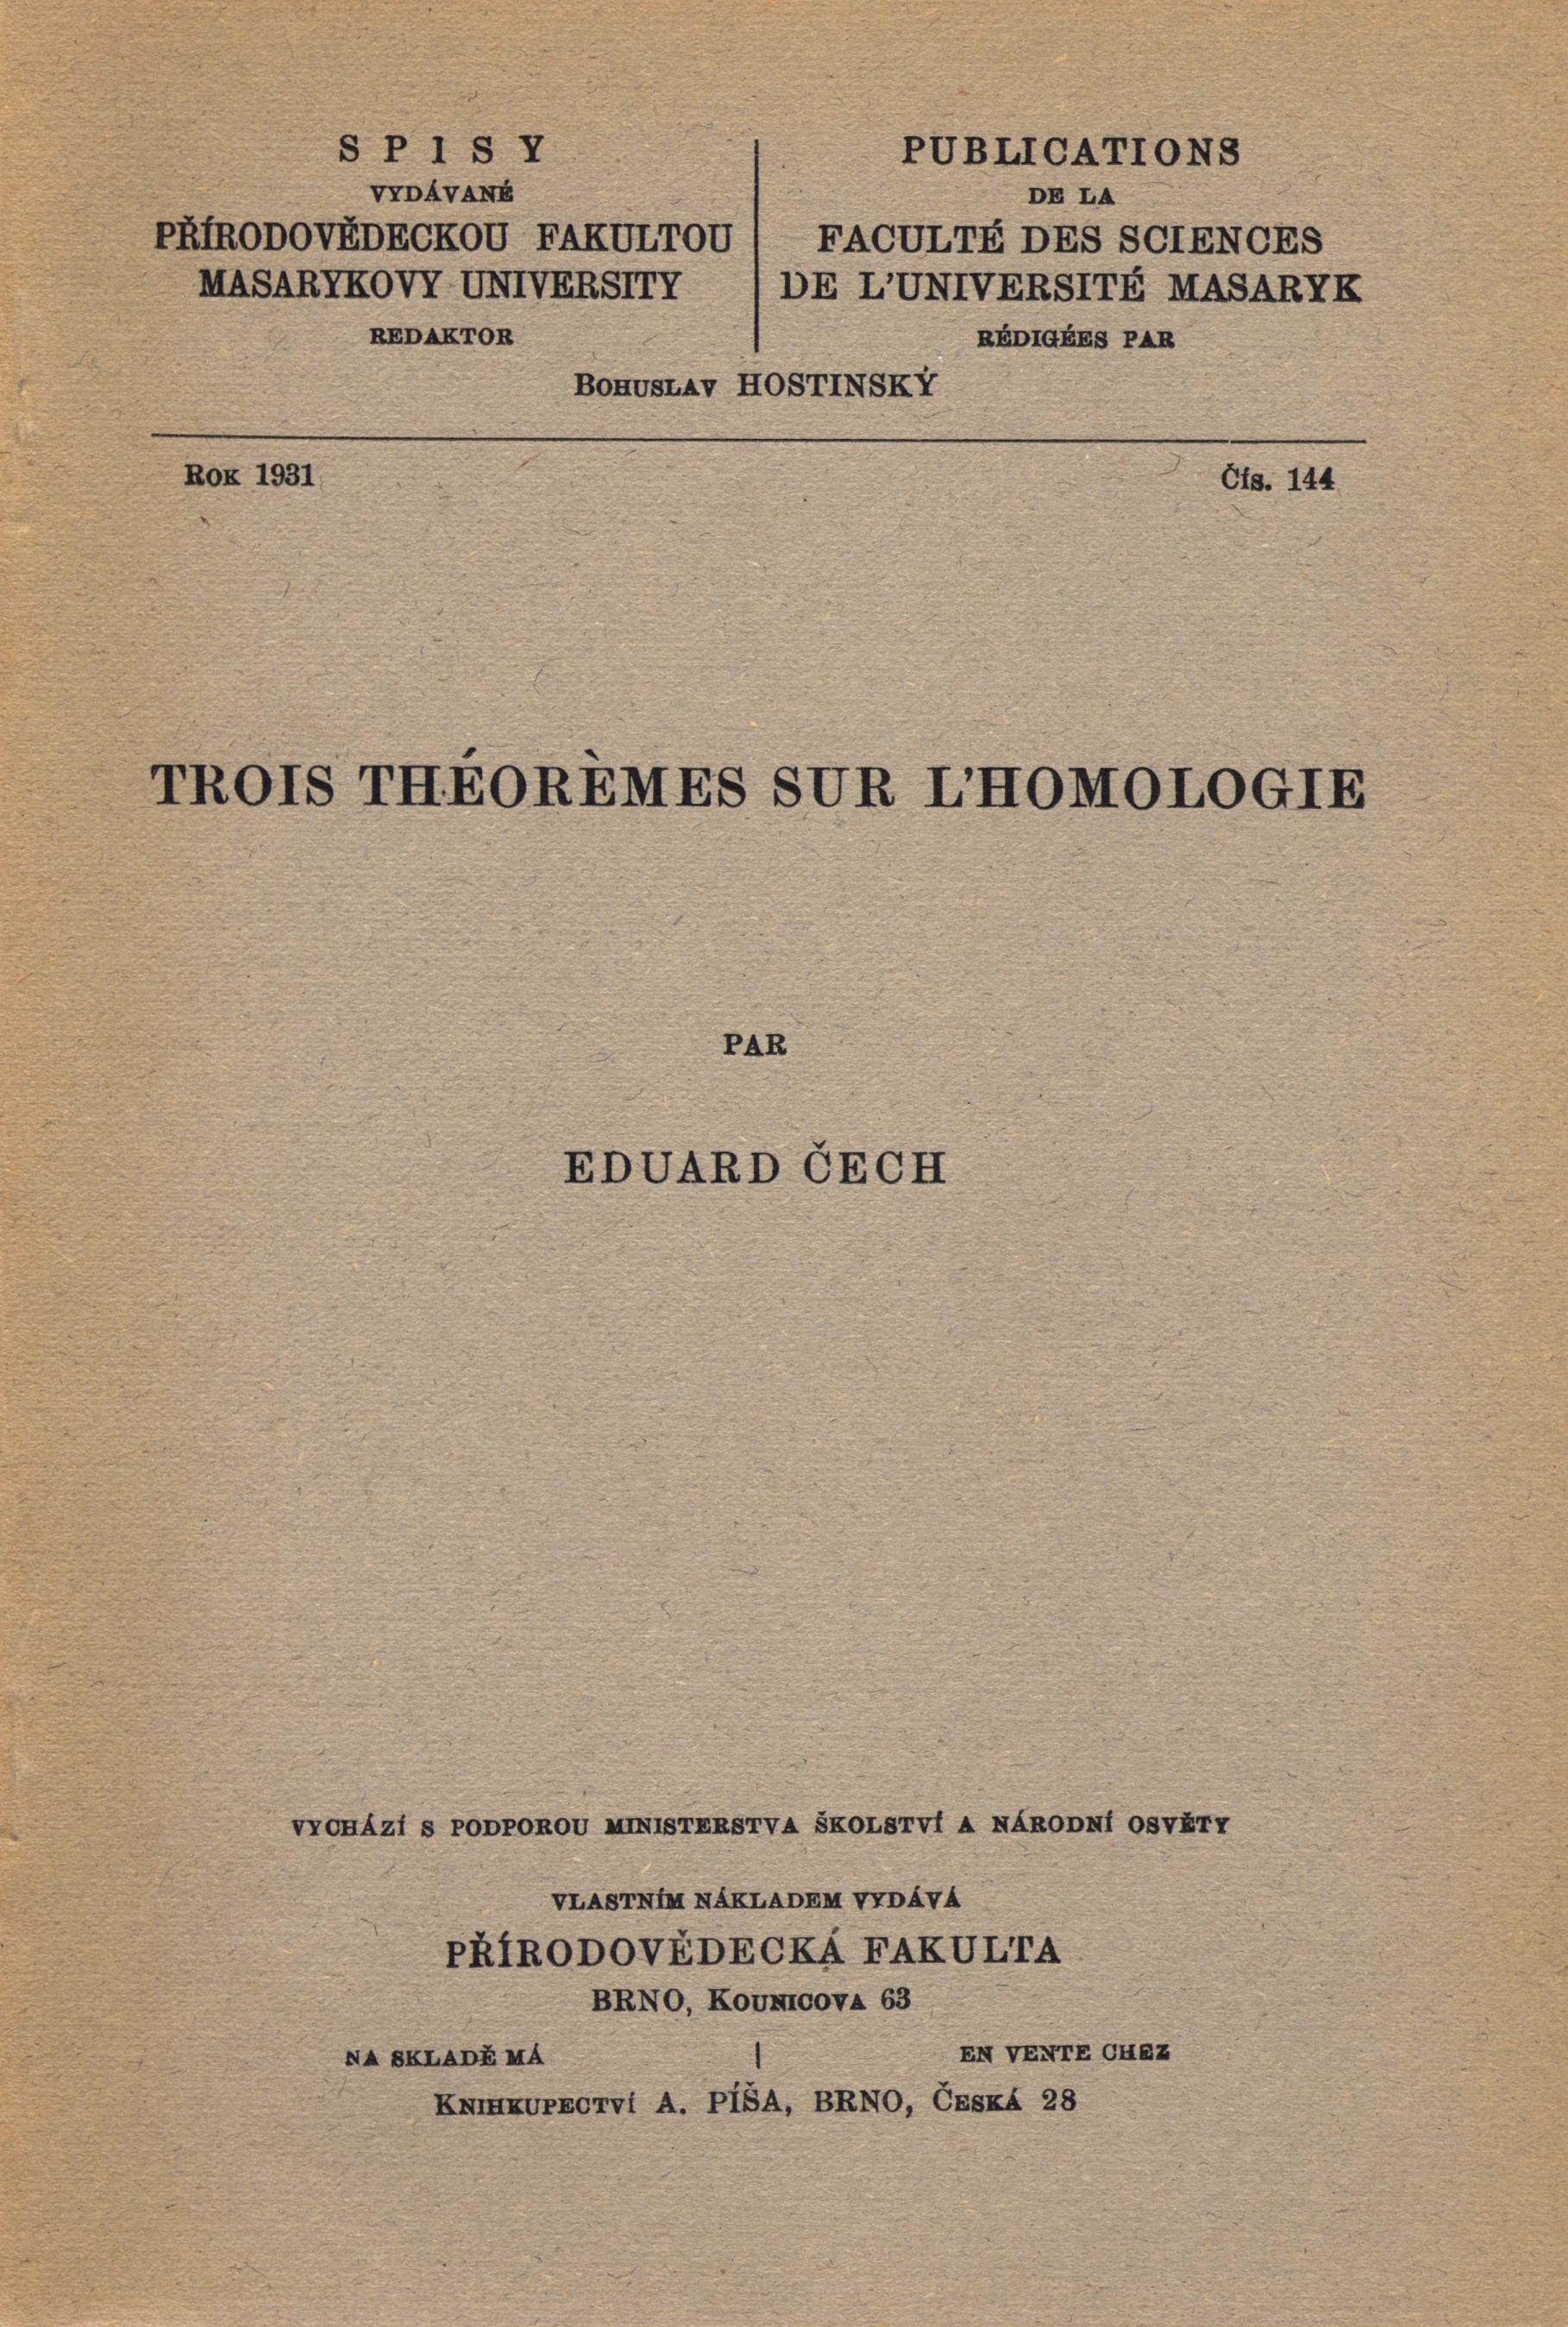 Obálka pro Trois théorémes sur l'homologie